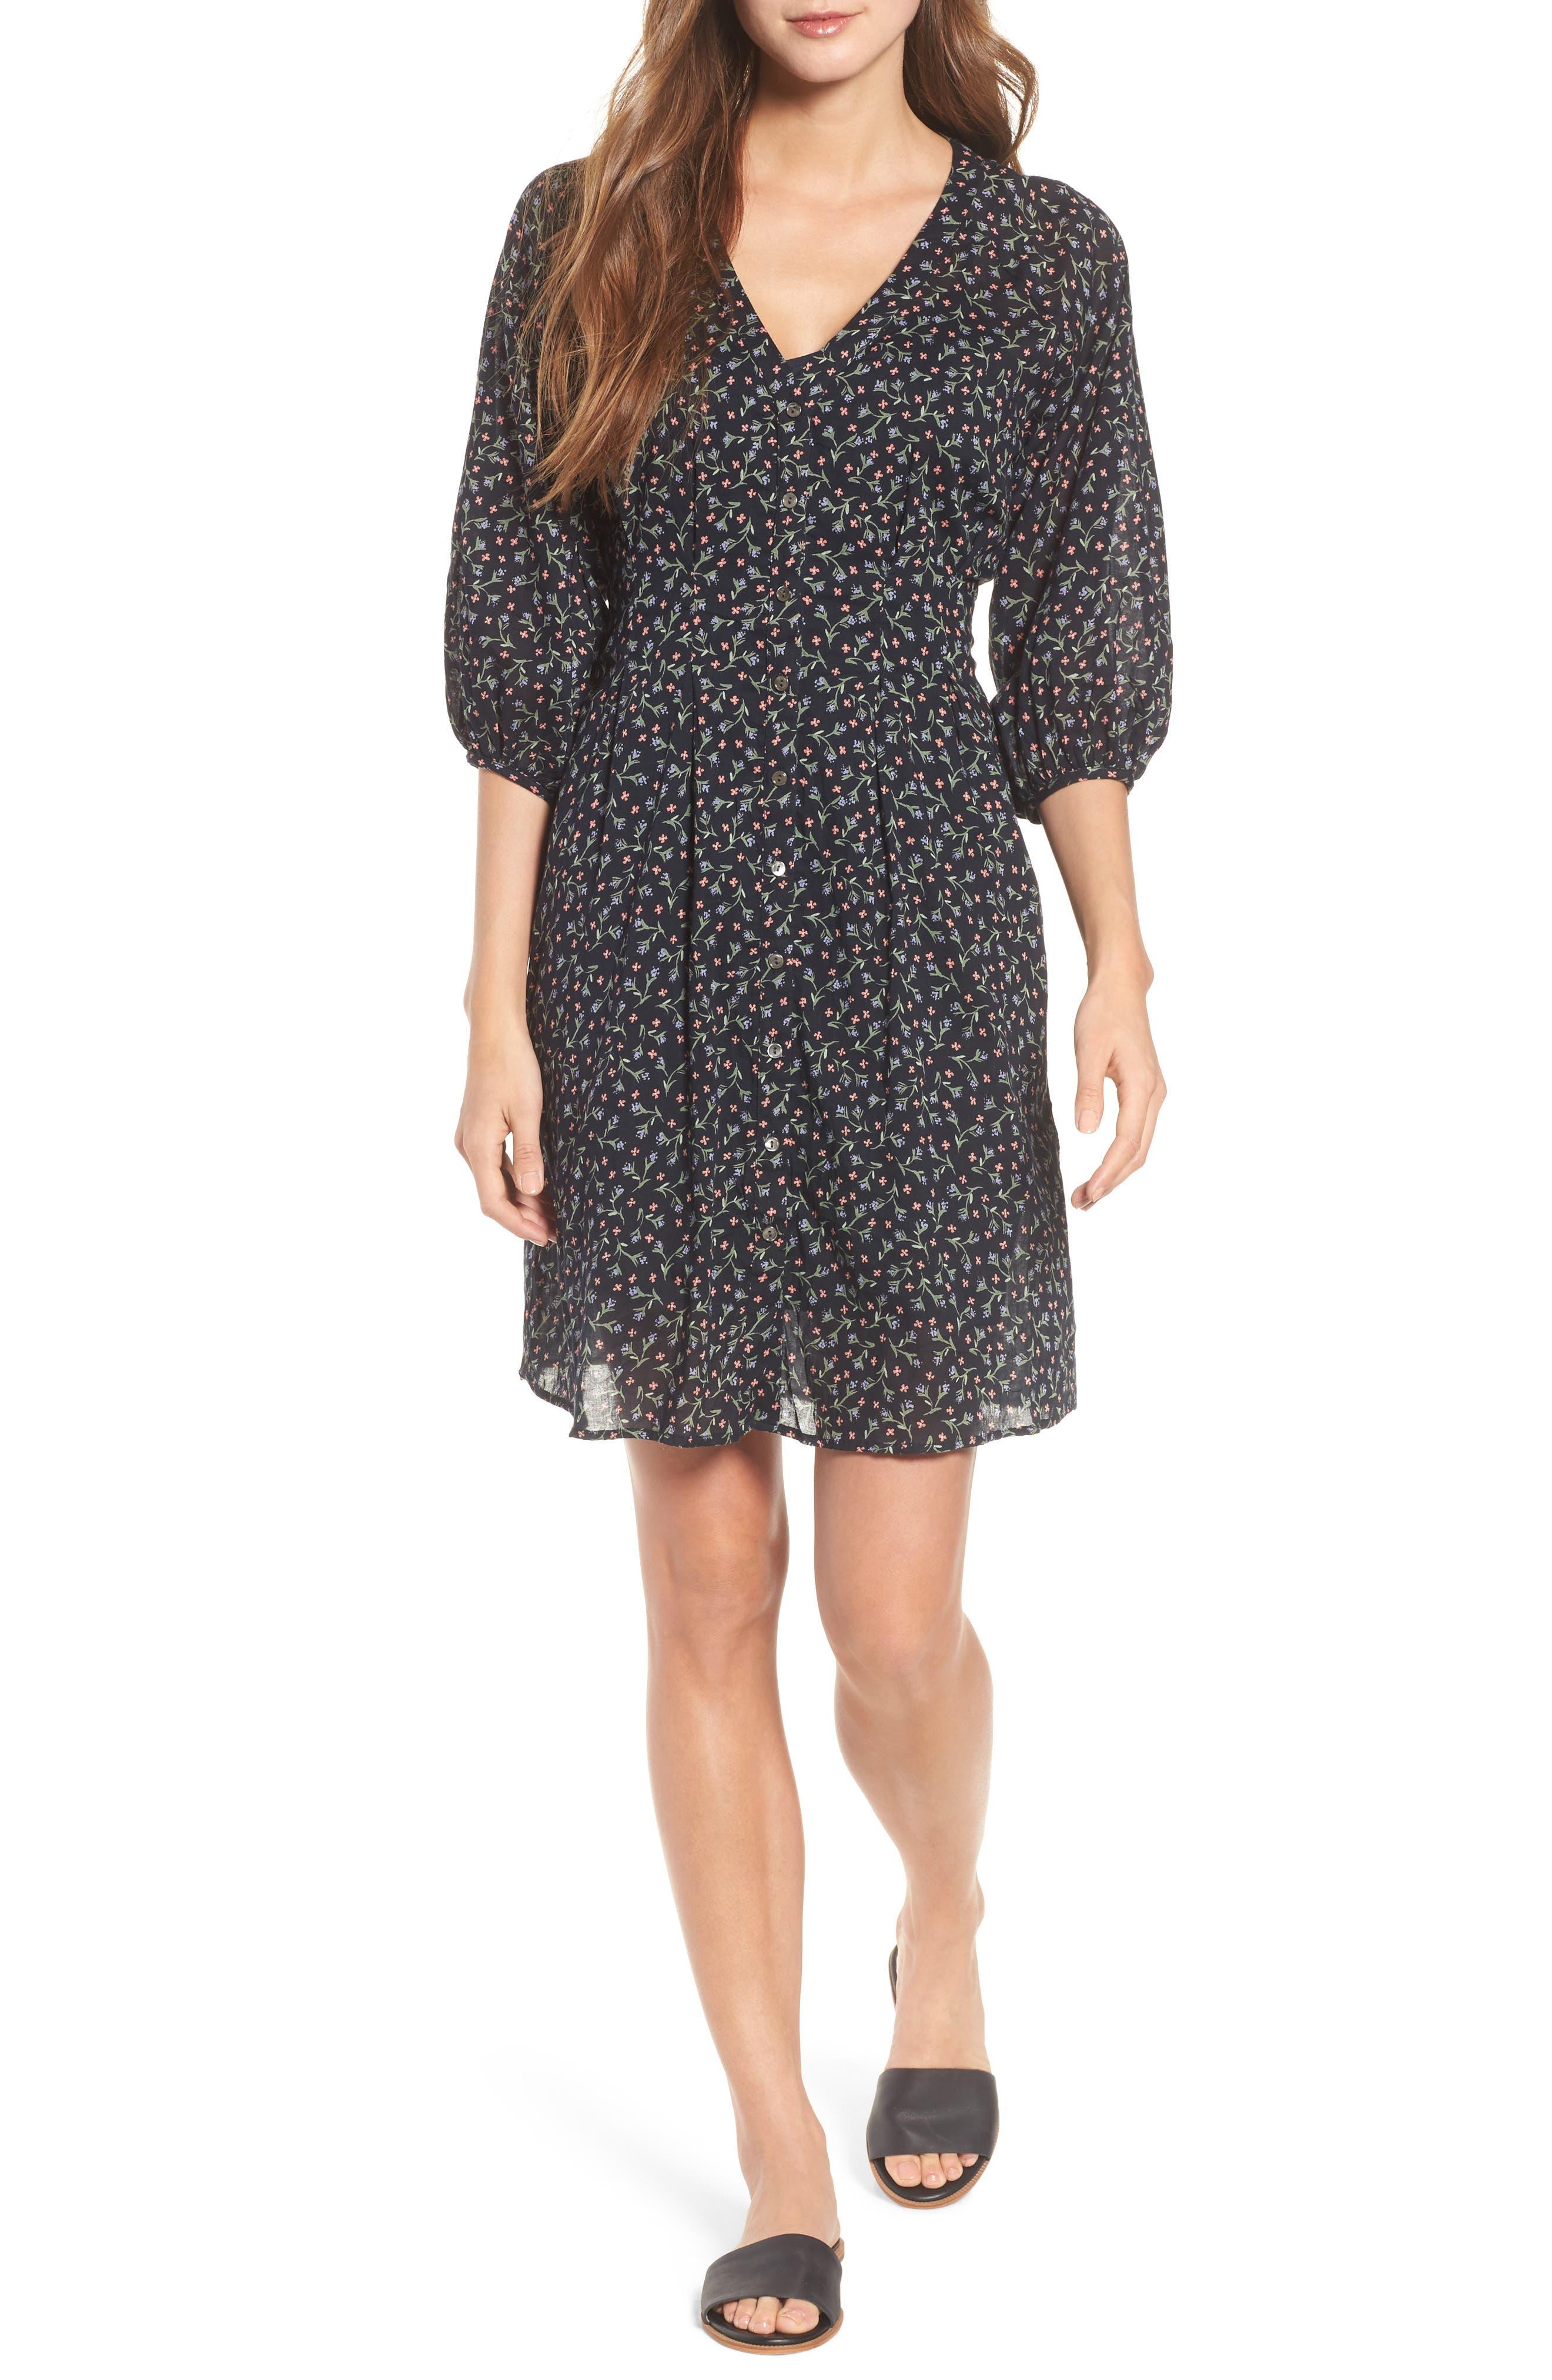 Velvet by Graham & Spencer Printed Cotton Voile Dress